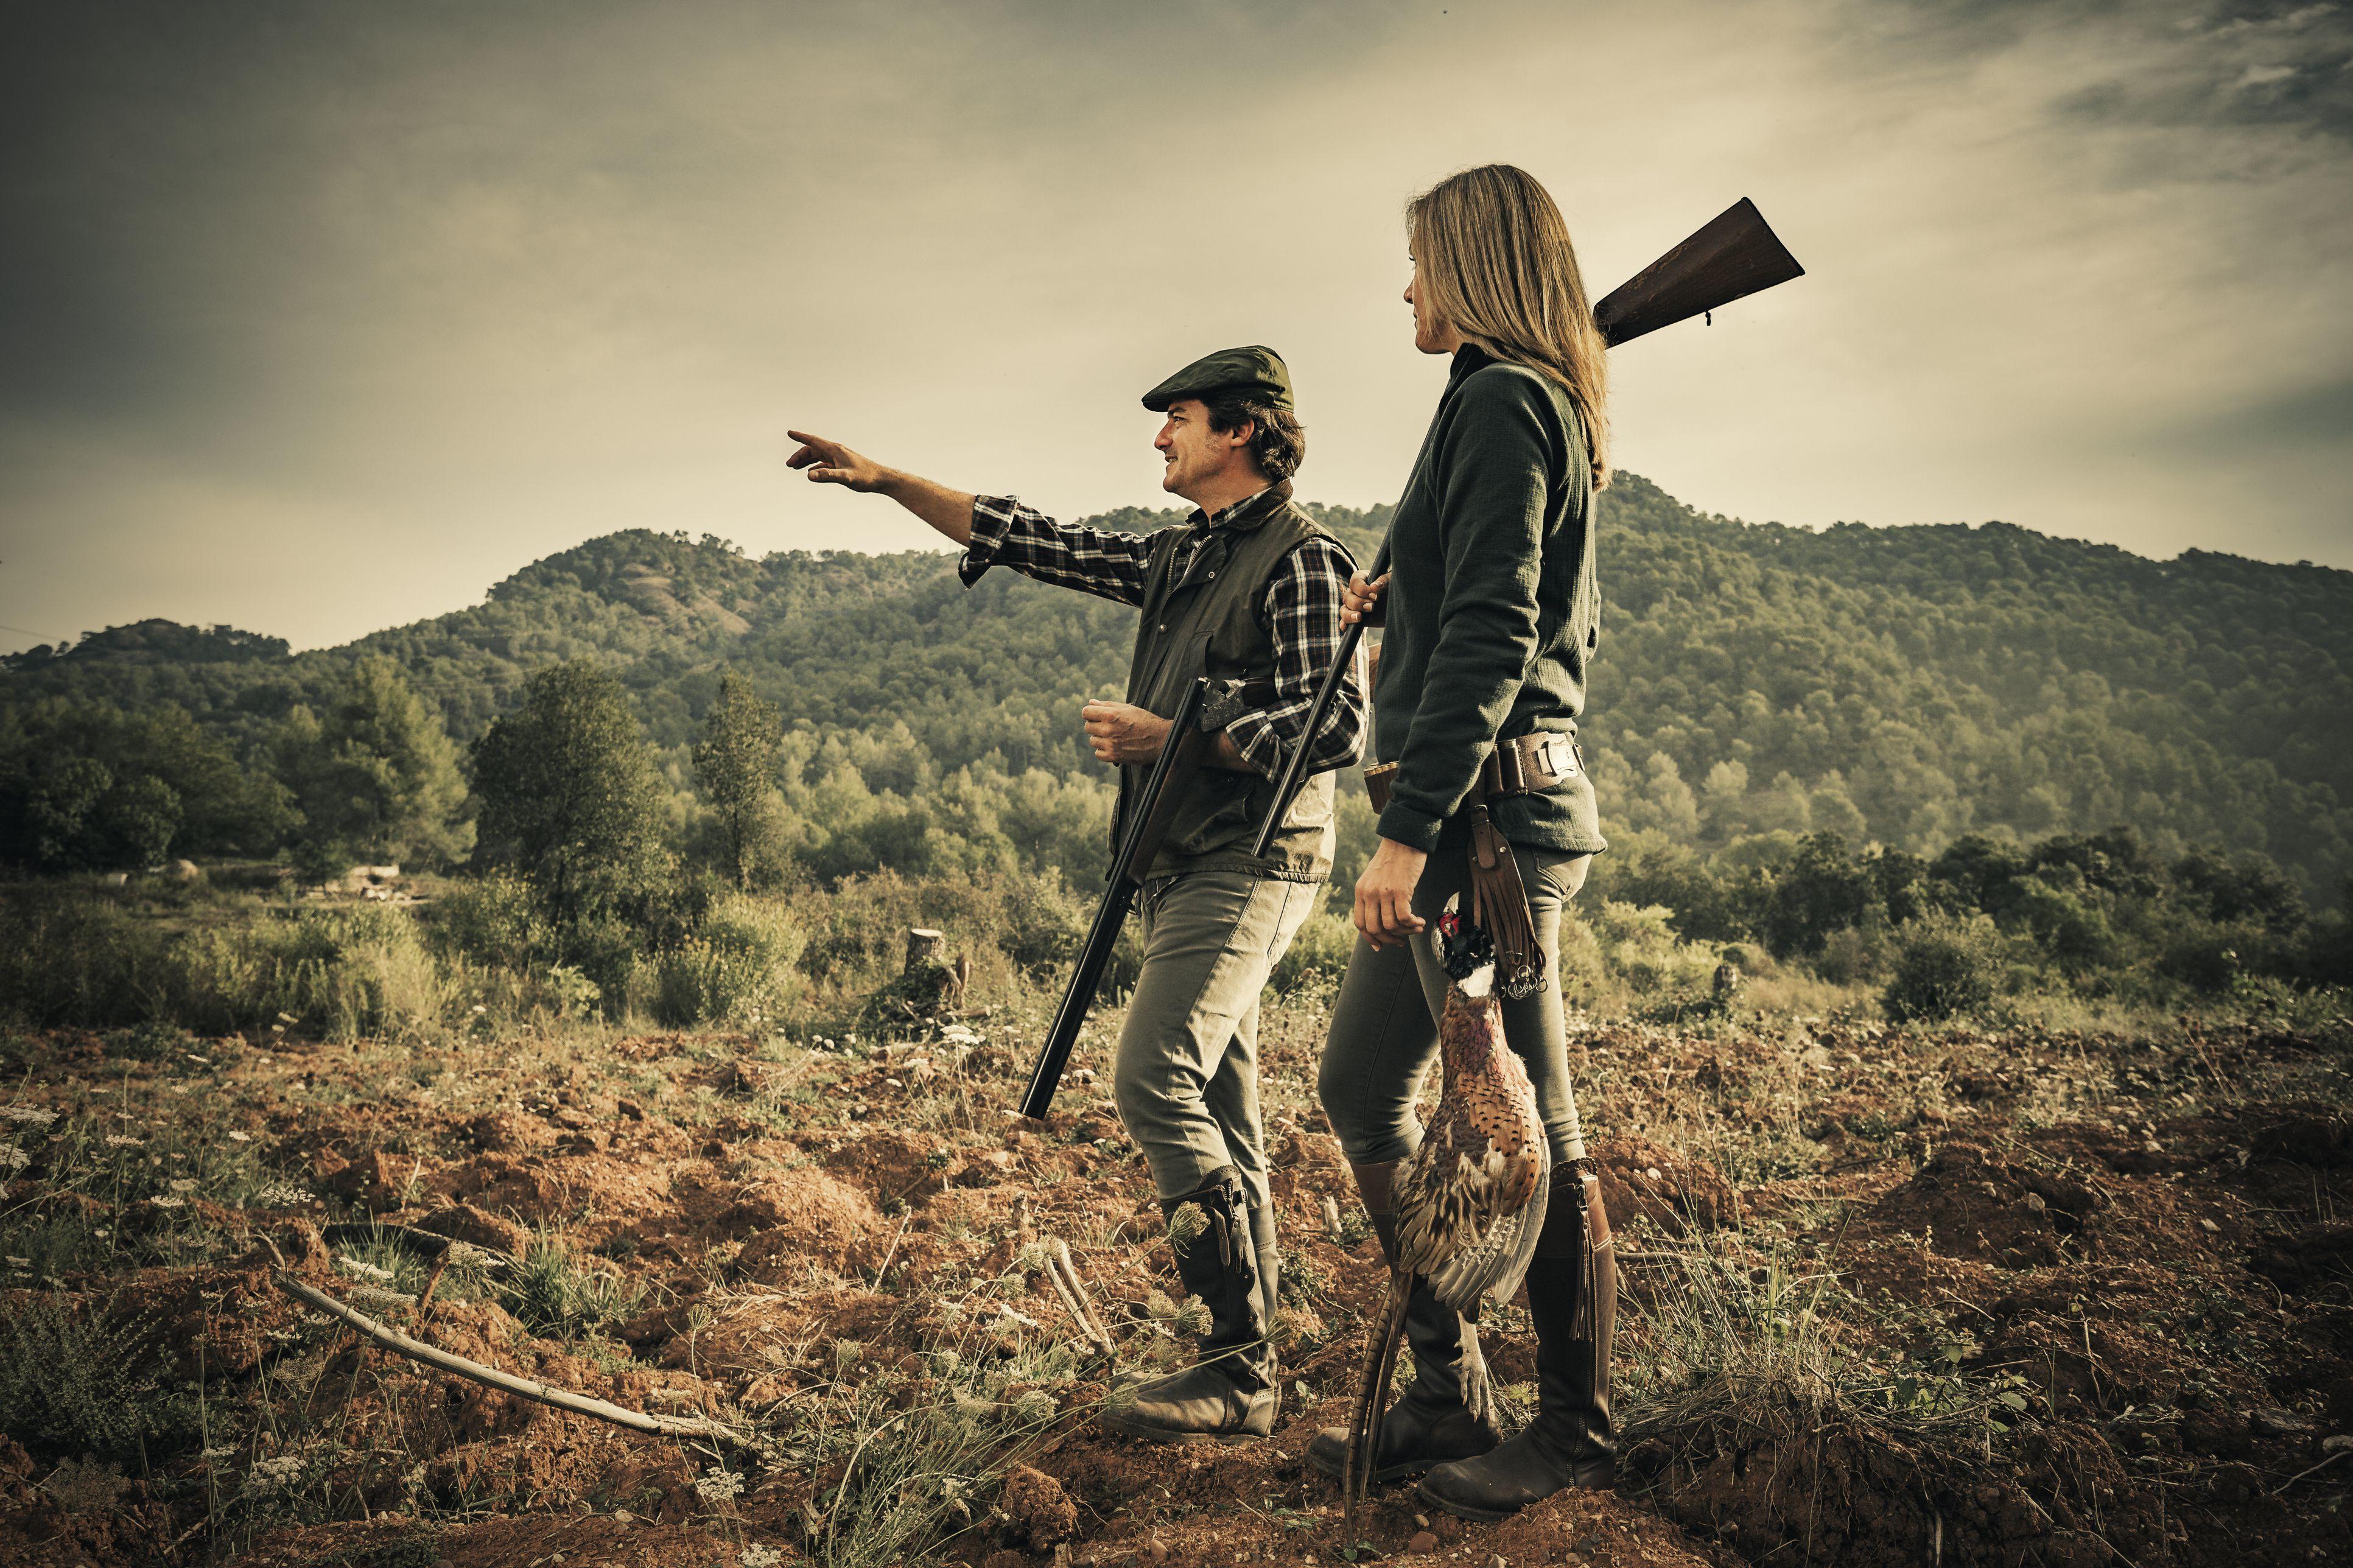 Man and woman hunting pheasants